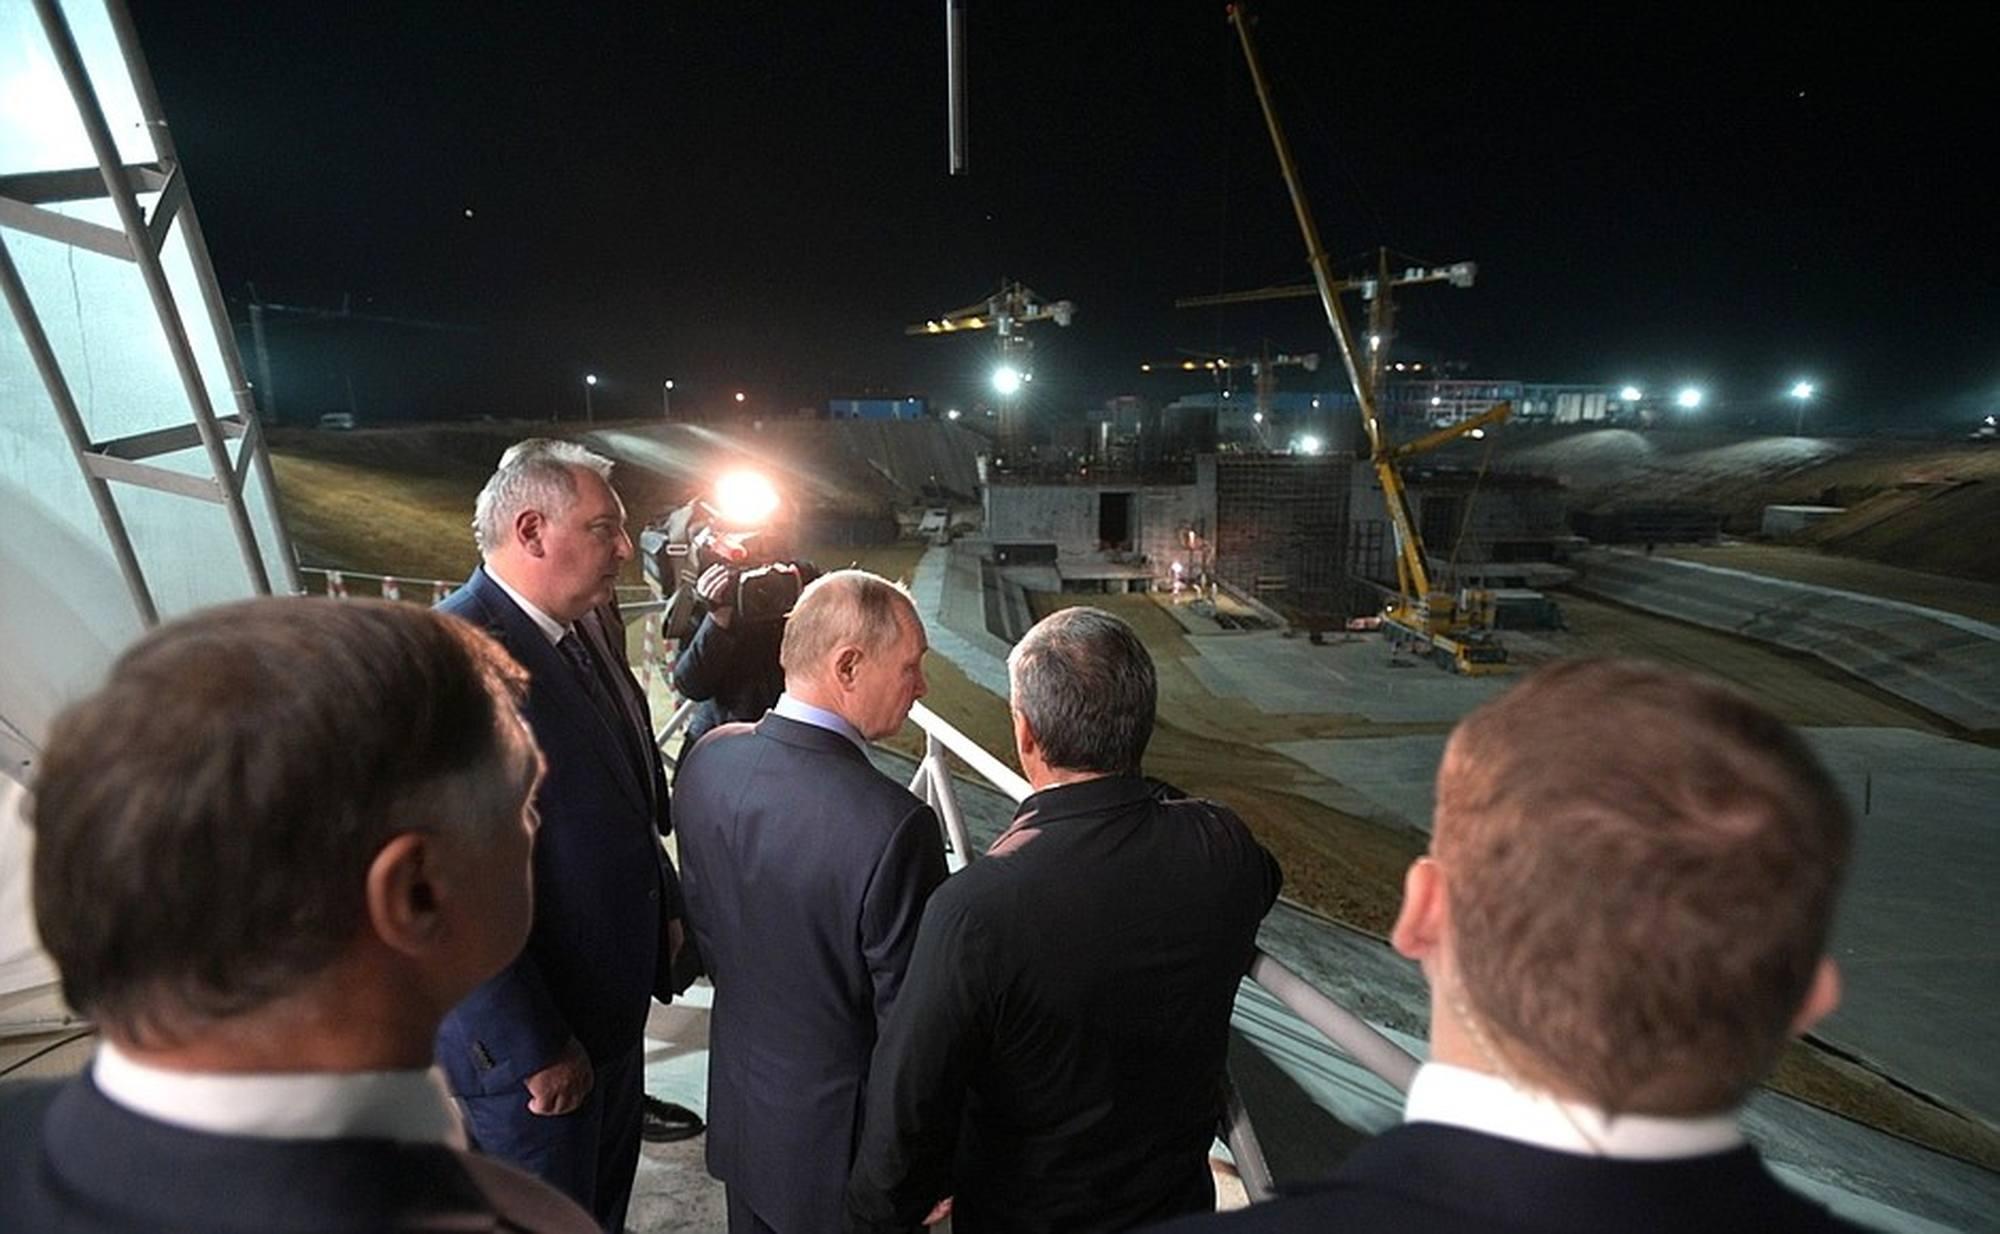 Coup d'oeil sur le chantier du pas de tir Angara en construction.